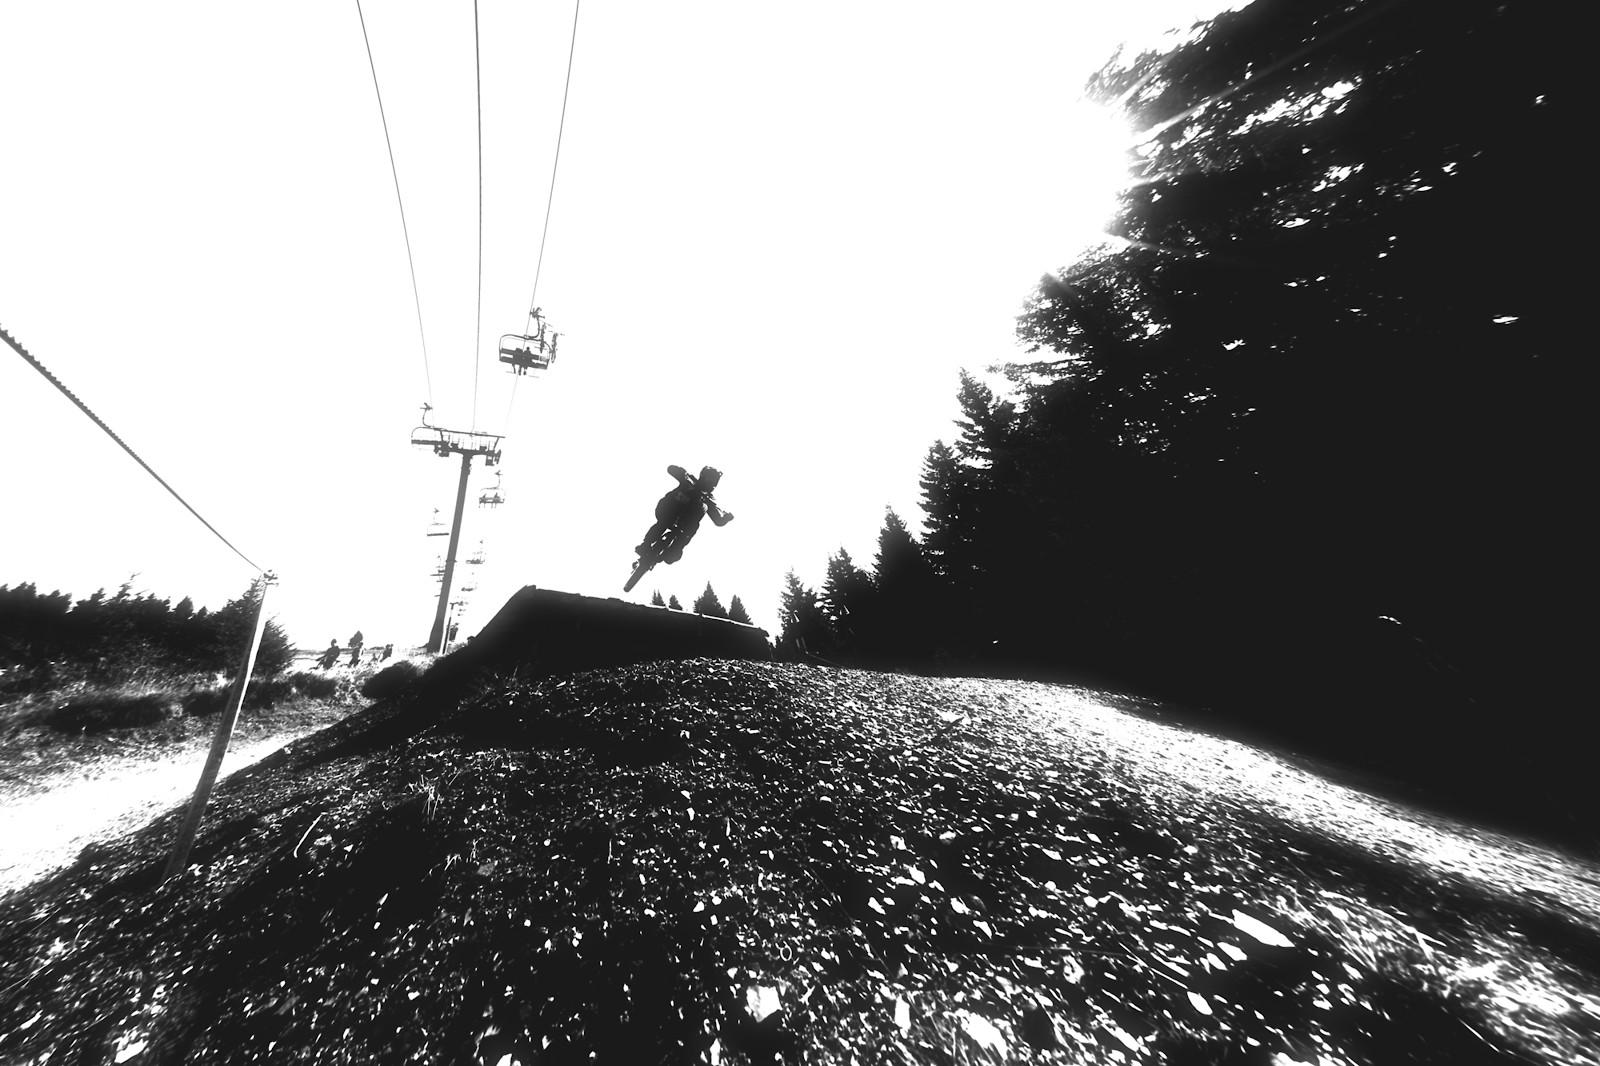 24A0536-Modifier - Entwoane - Mountain Biking Pictures - Vital MTB